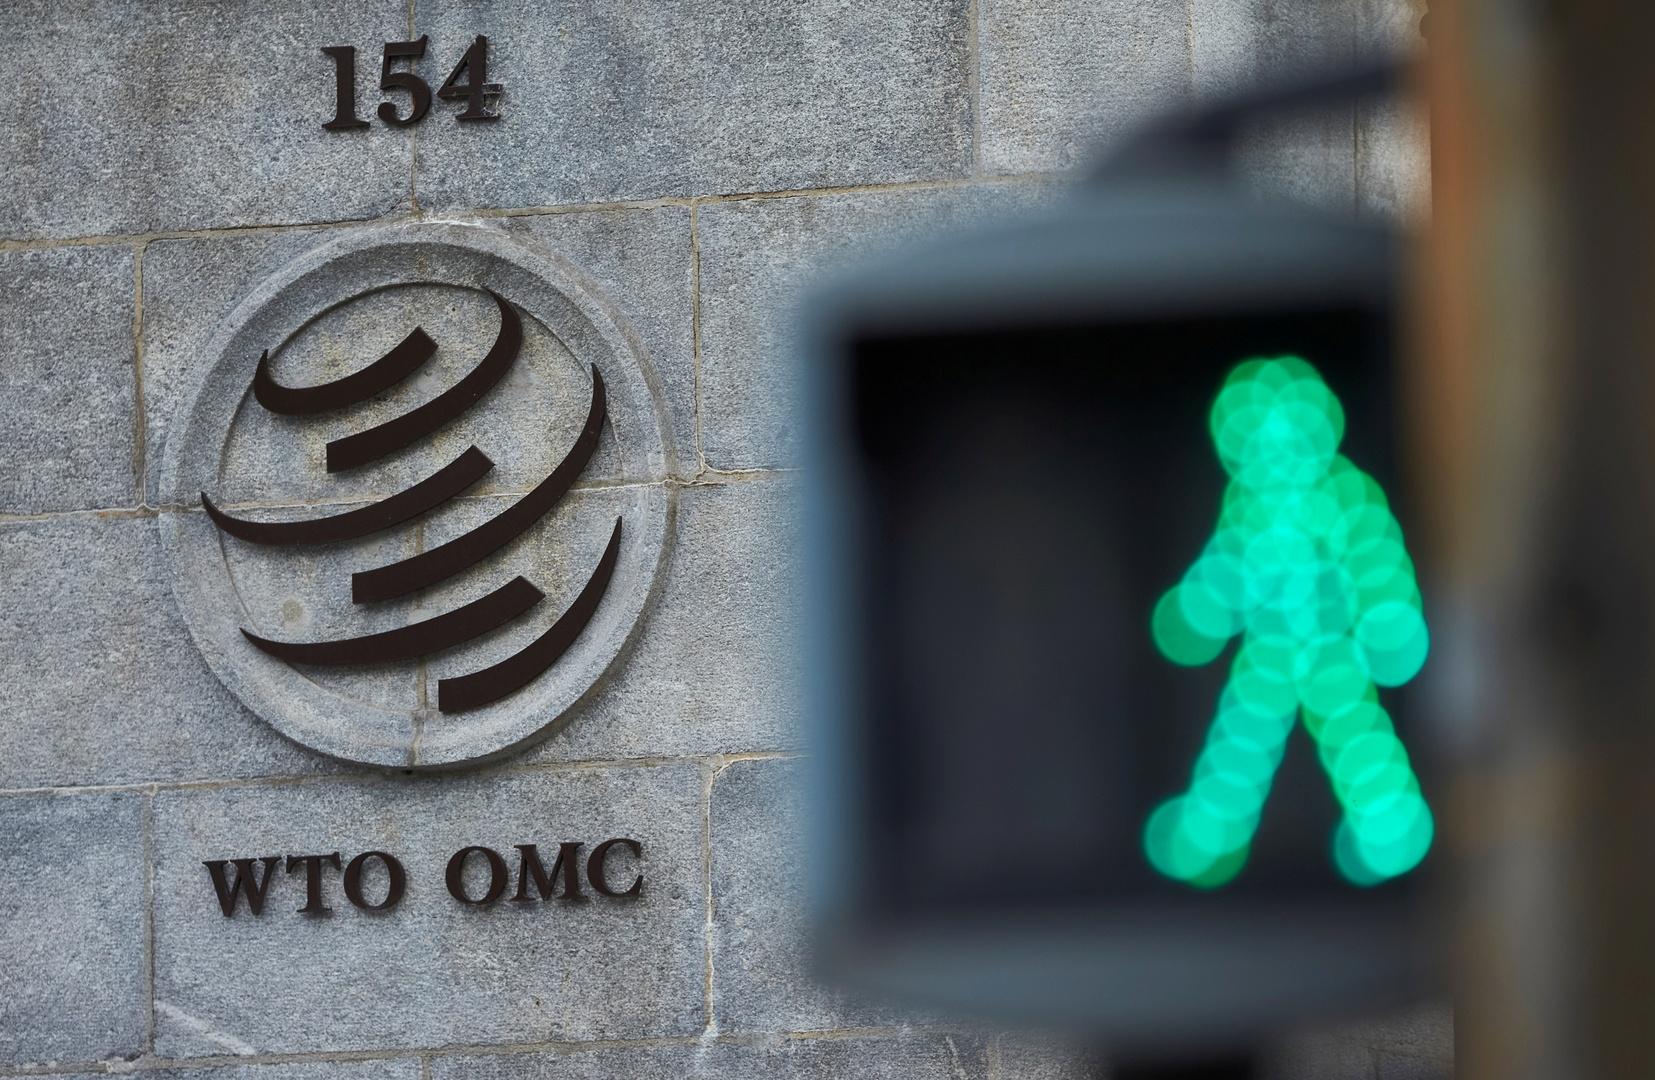 منظمة التجارة العالمية تصدر حكما لصالح بكين في قضية ضد واشنطن